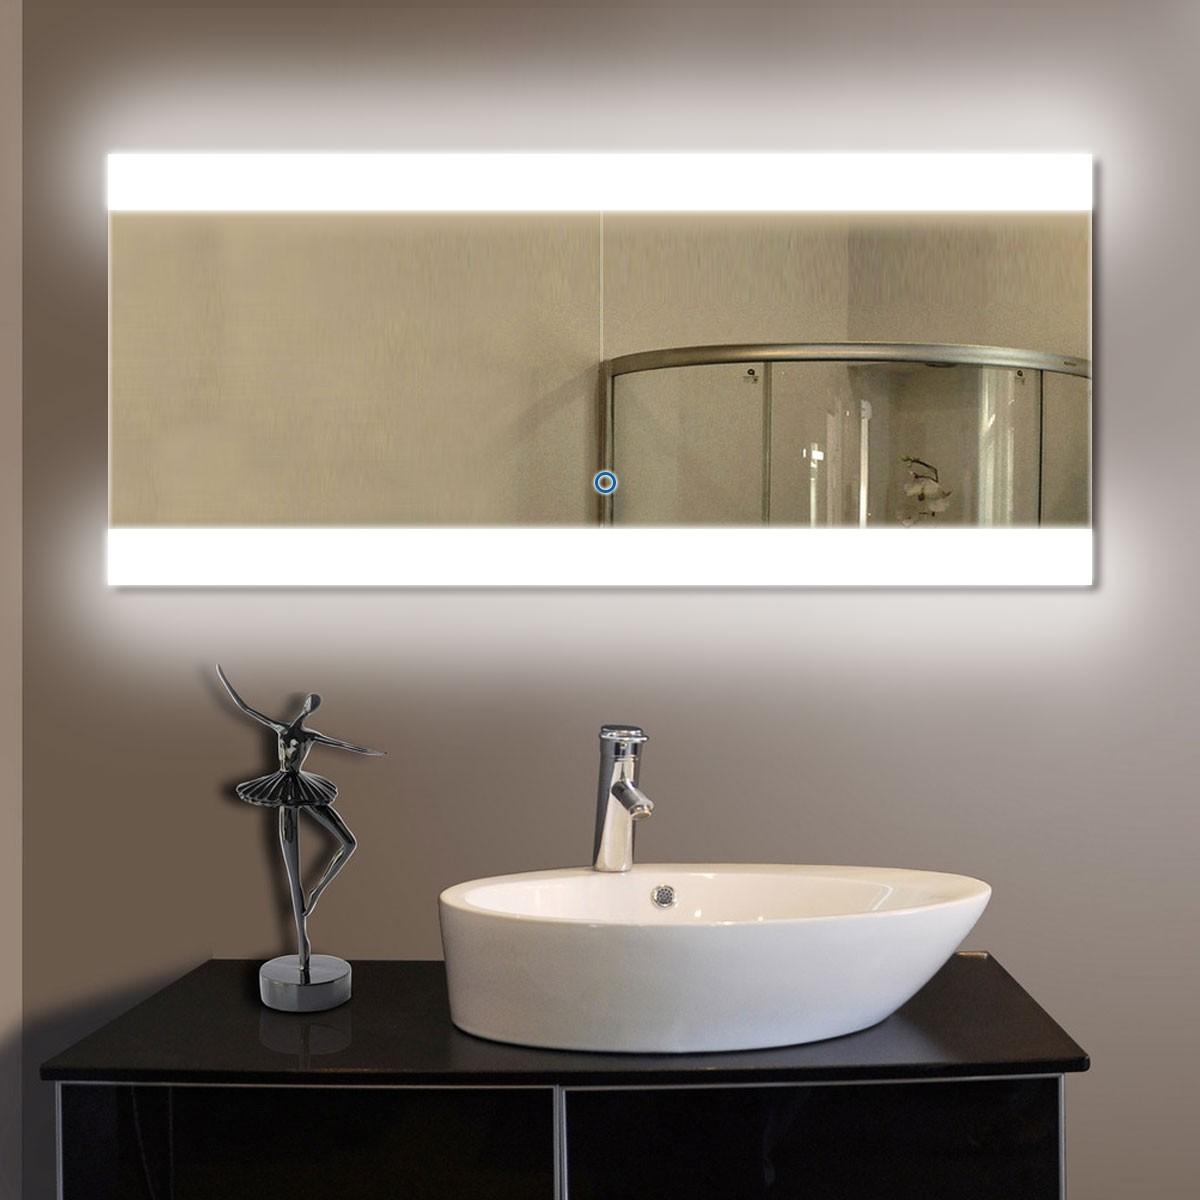 80 x 36 po miroir led salle de bain horizontal avec l interrupteur tactile dk od t03 2 - Interrupteur miroir salle de bain ...